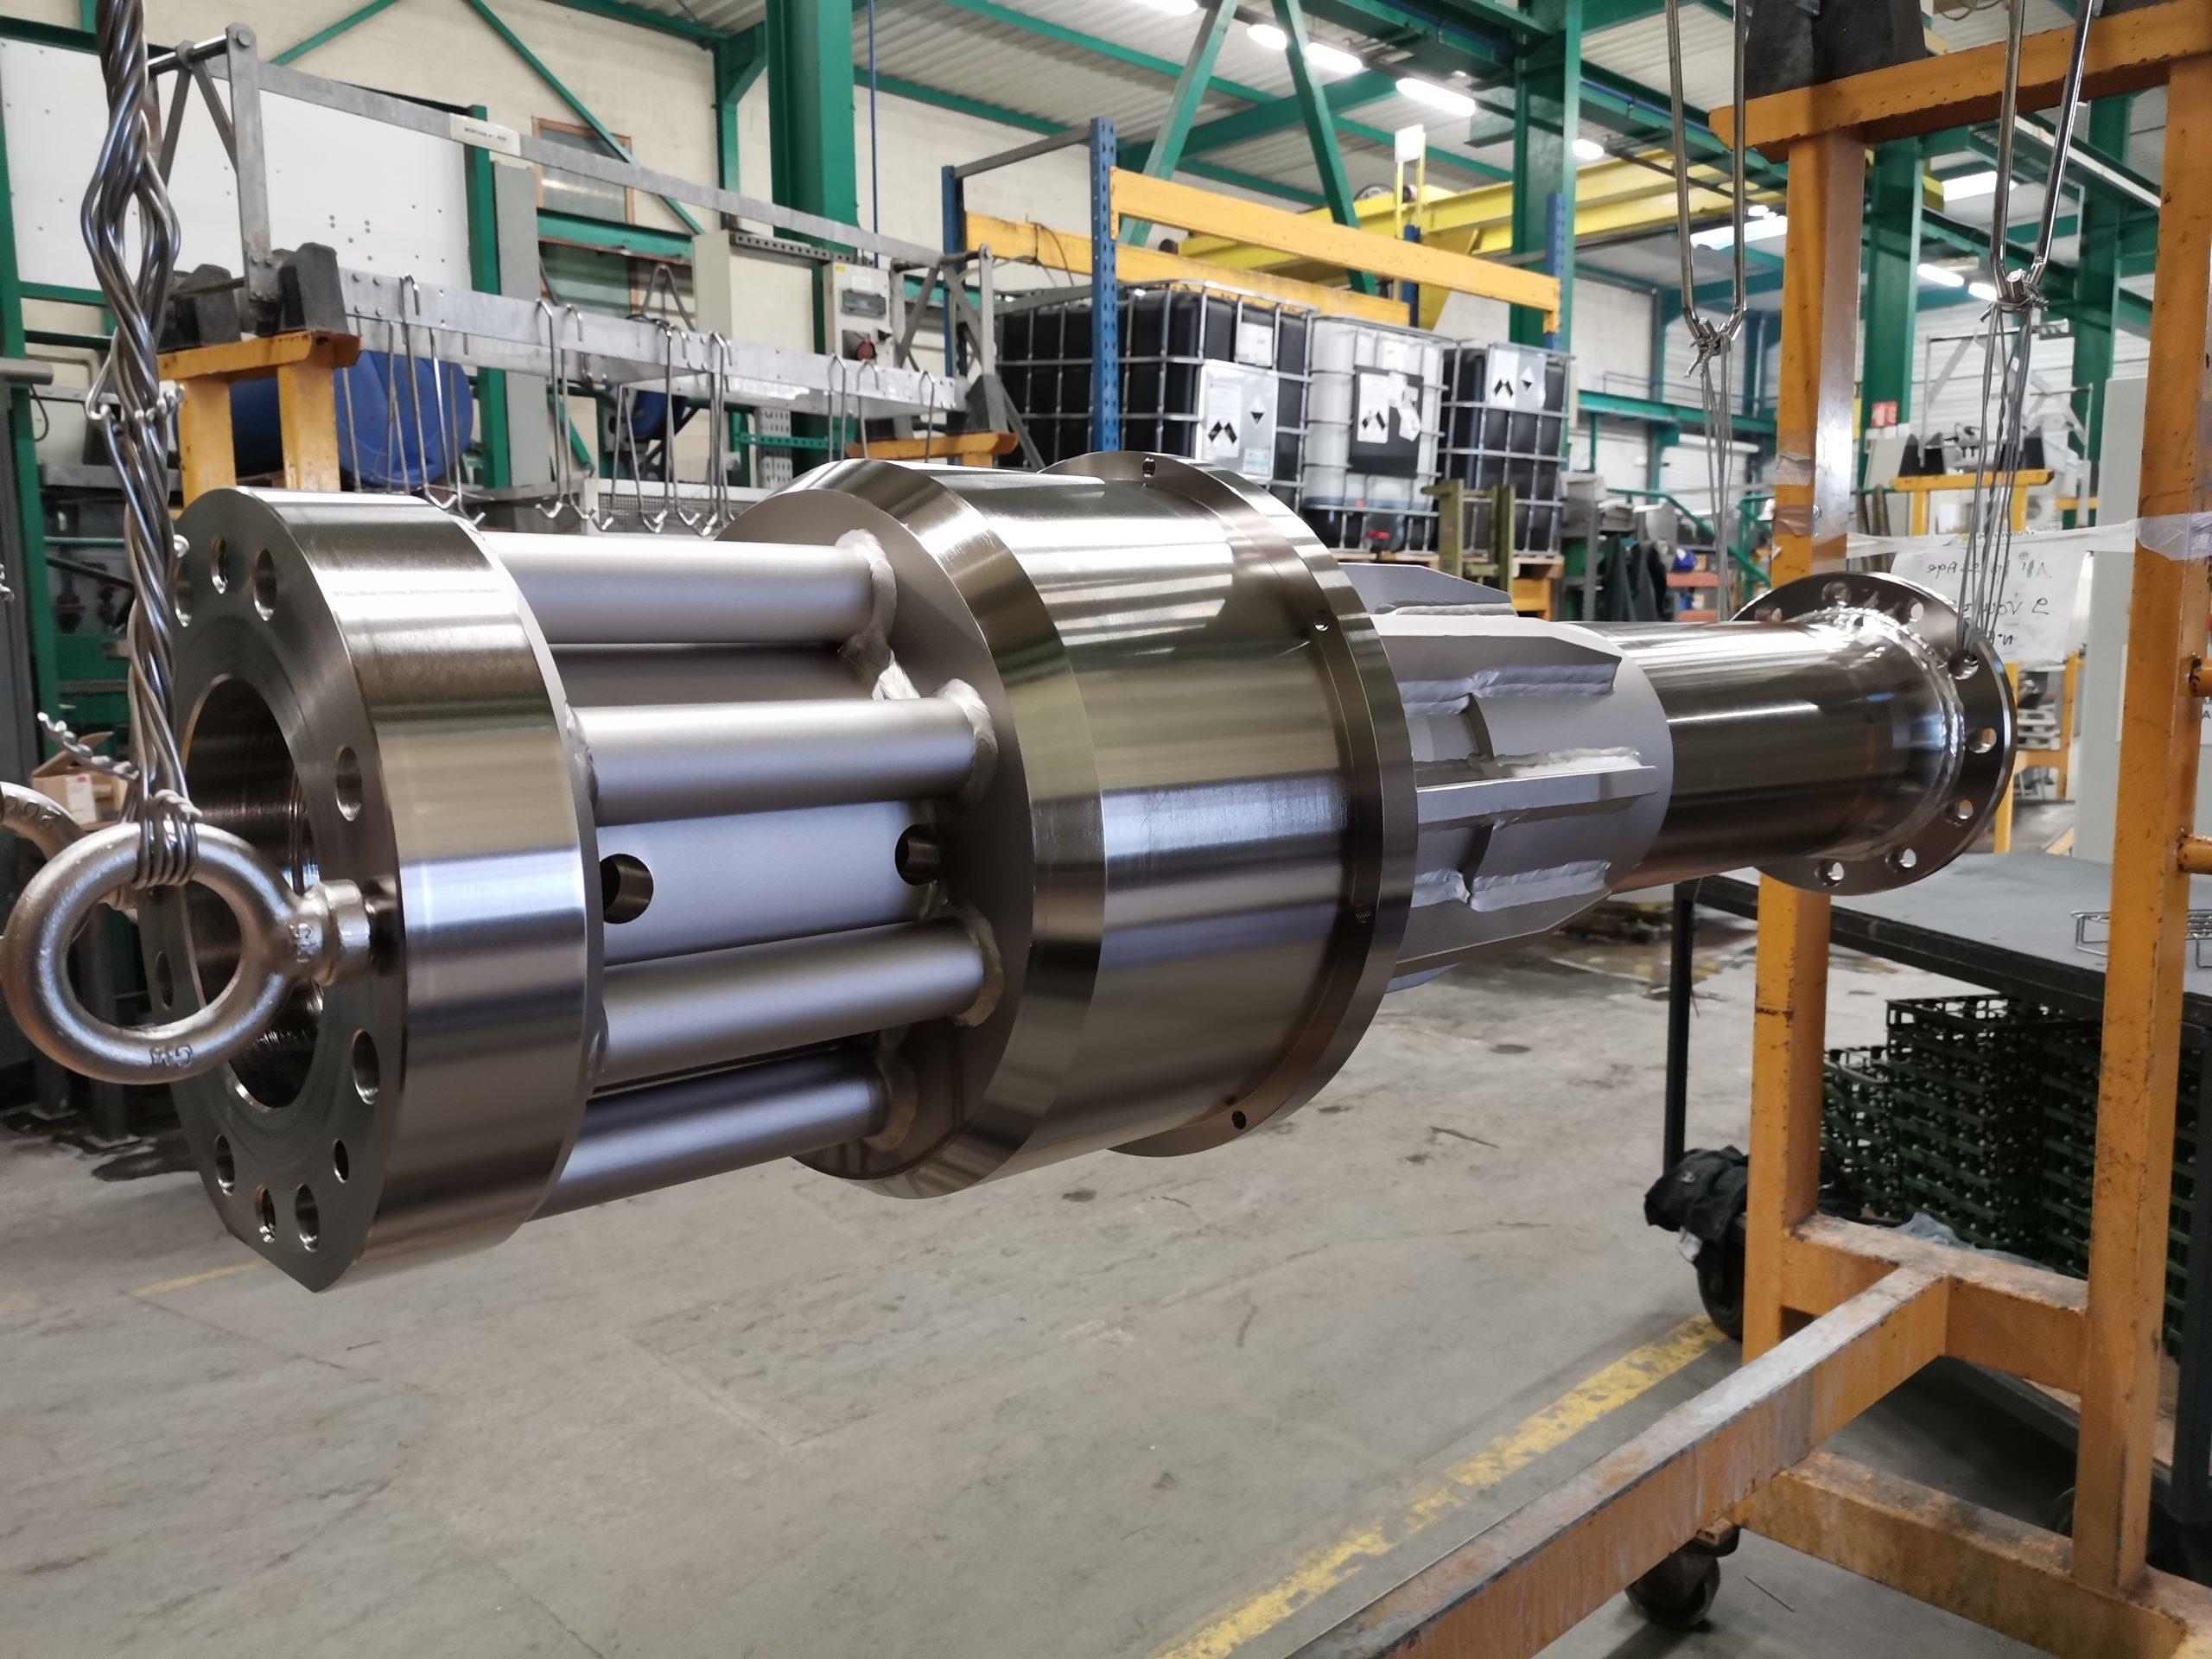 Chemisch nikkel met hoog fosforgehalte, voor een optimale bescherming tegen corrosie tot 1000 uur in zoutnevel.